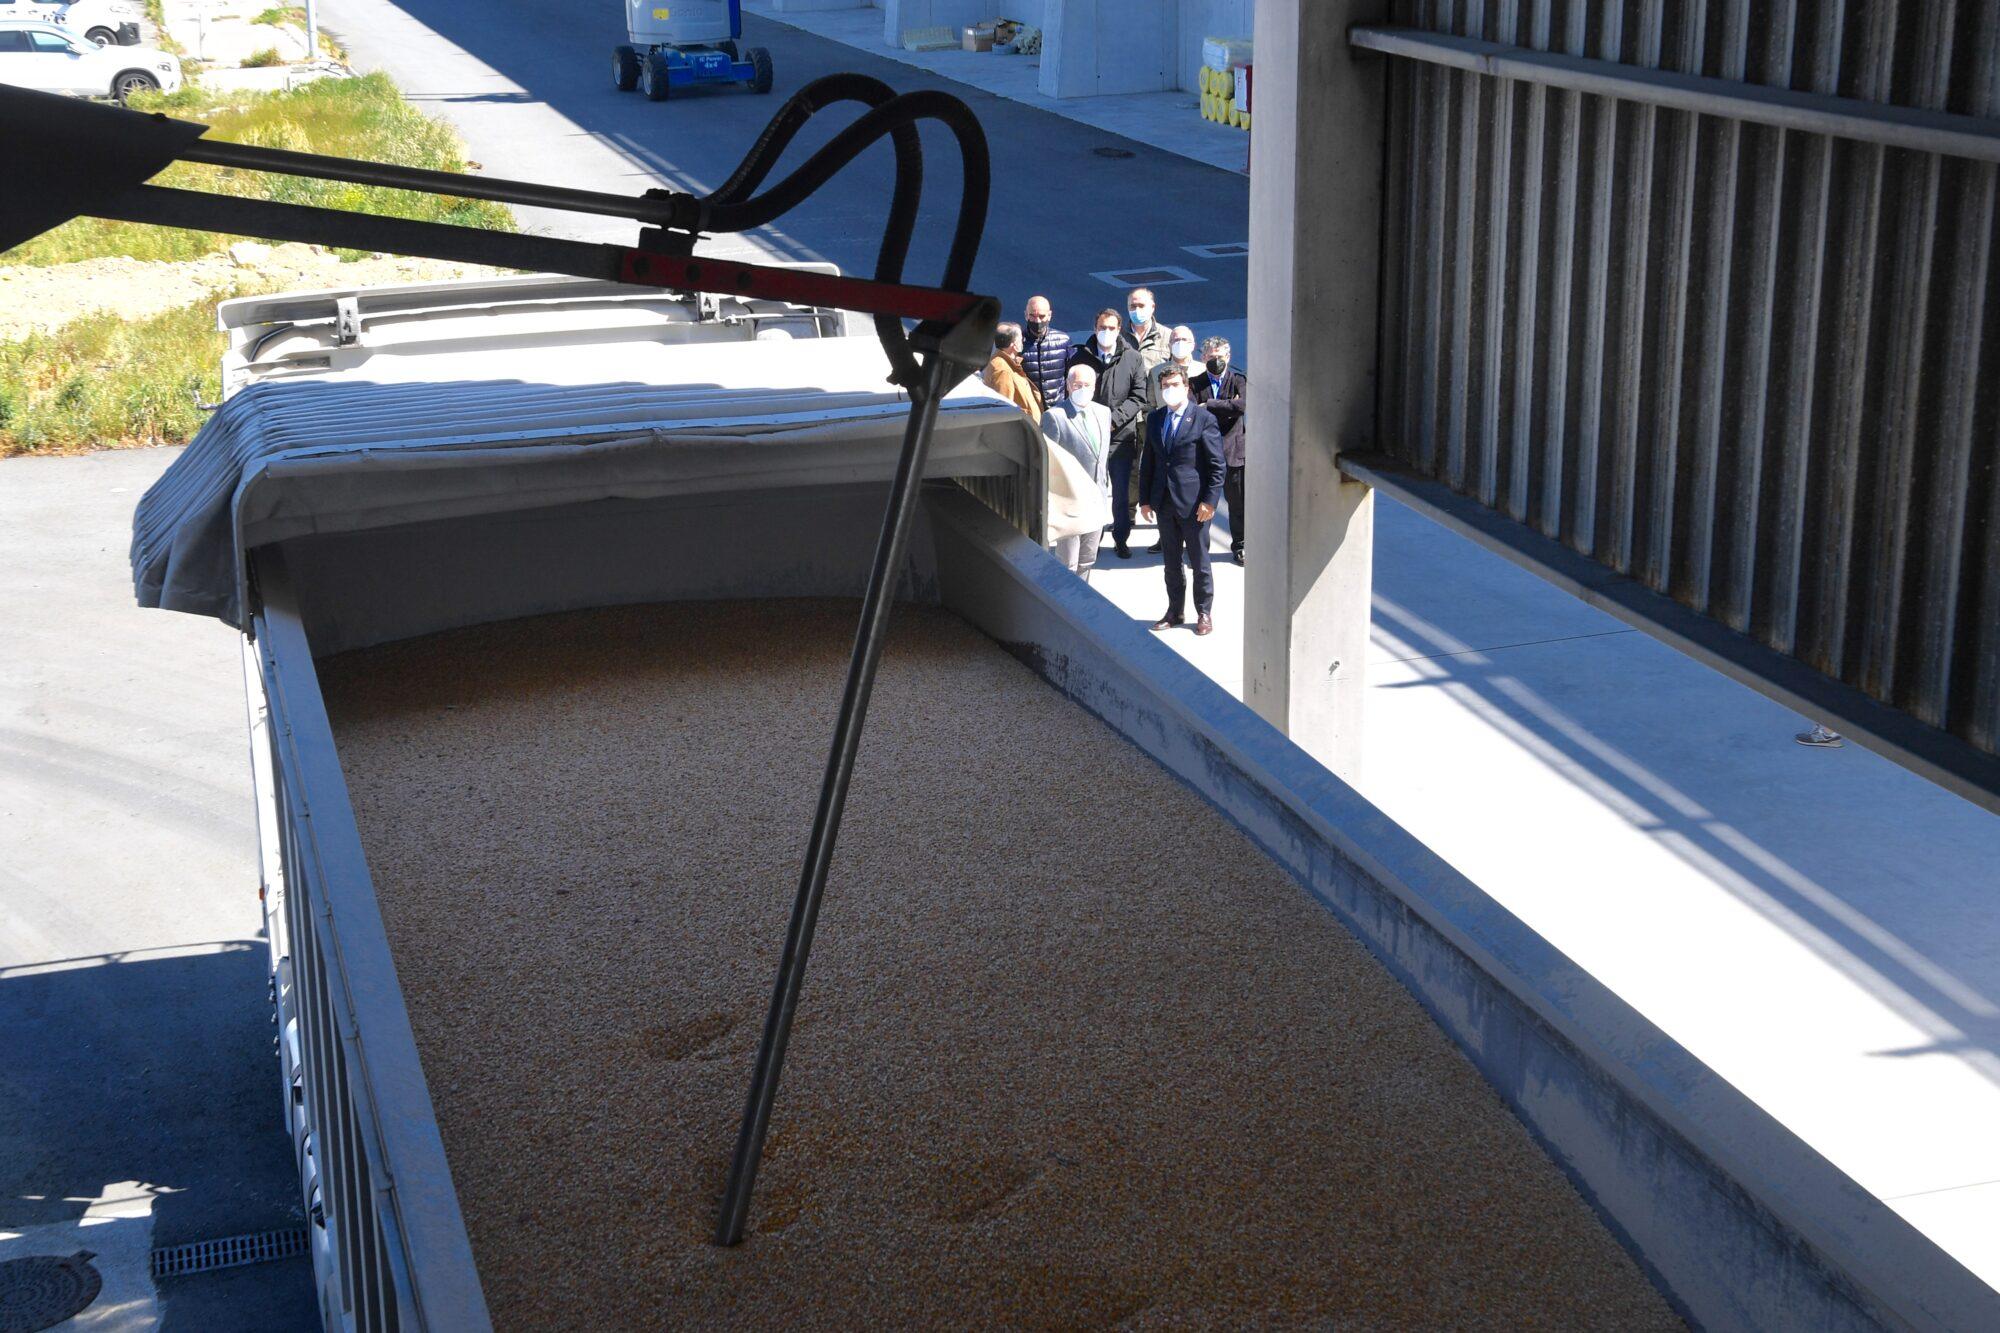 Un nuevo sistema automático para garantizar la calidad de la mercancía afianza el liderazgo del Puerto de La Coruña en cereales